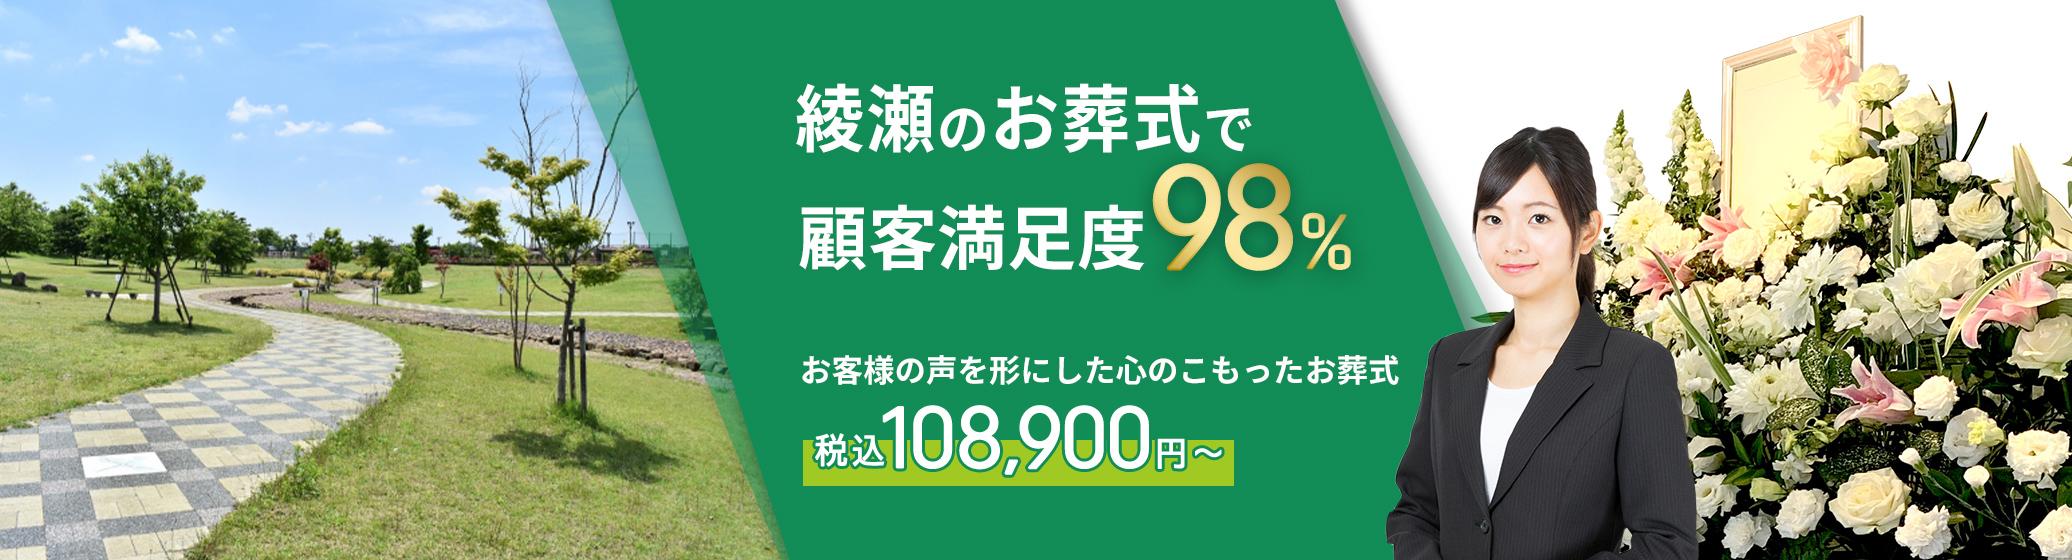 綾瀬市で葬儀をお考えの方へ安心価格で納得のお葬式が定額プラン・葬儀に必要なものすべて含んで140,000円(税込)